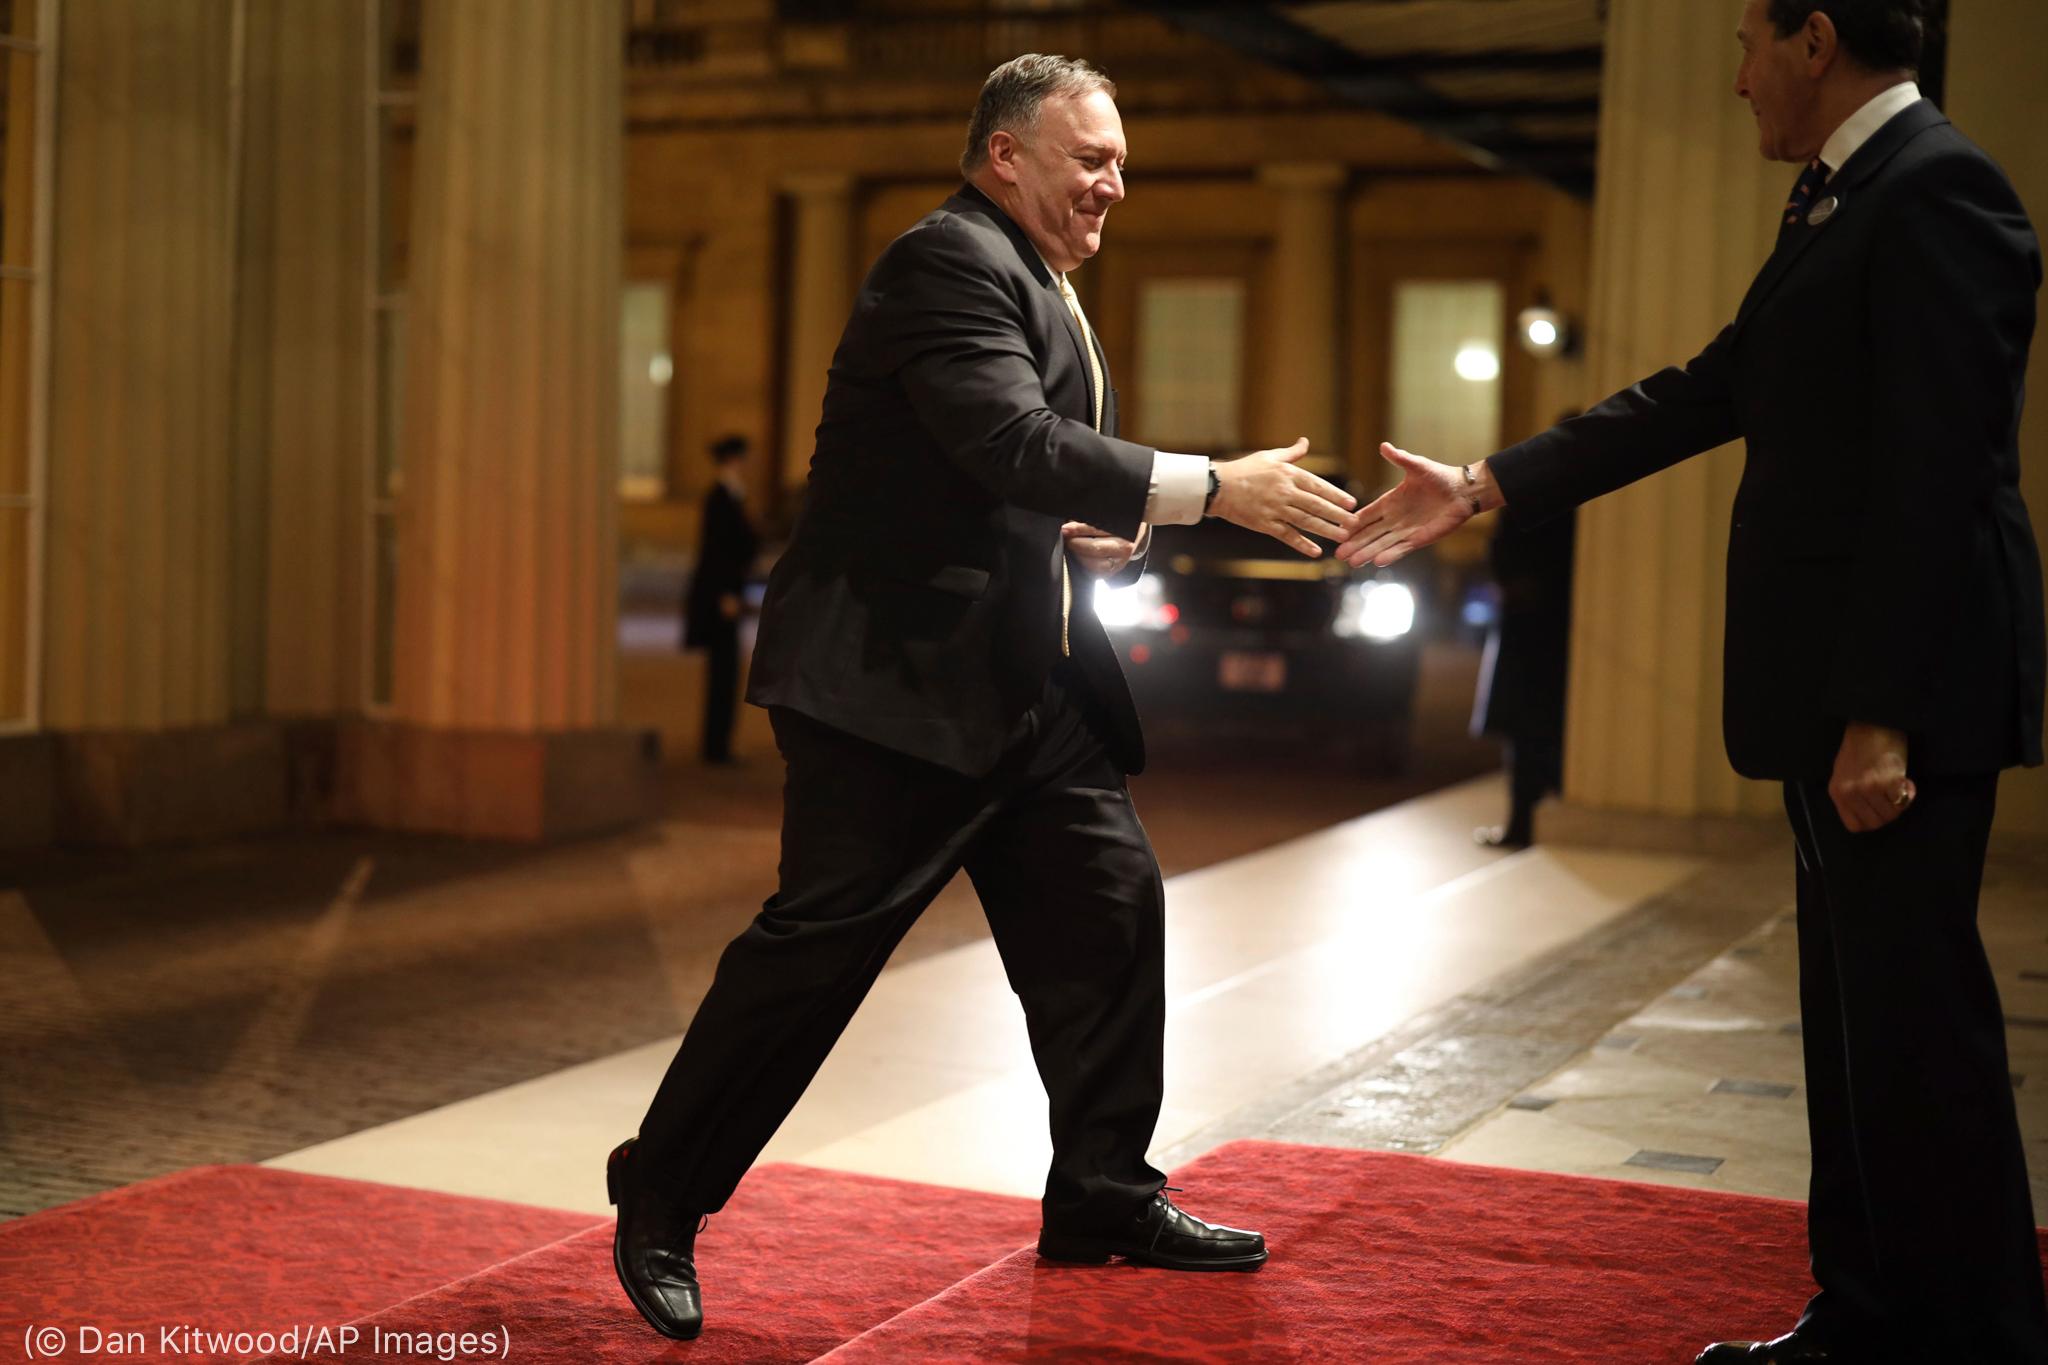 Secretário Pompeo andando em tapete vermelho com o braço estendido (© Dan Kitwood/AP Images)